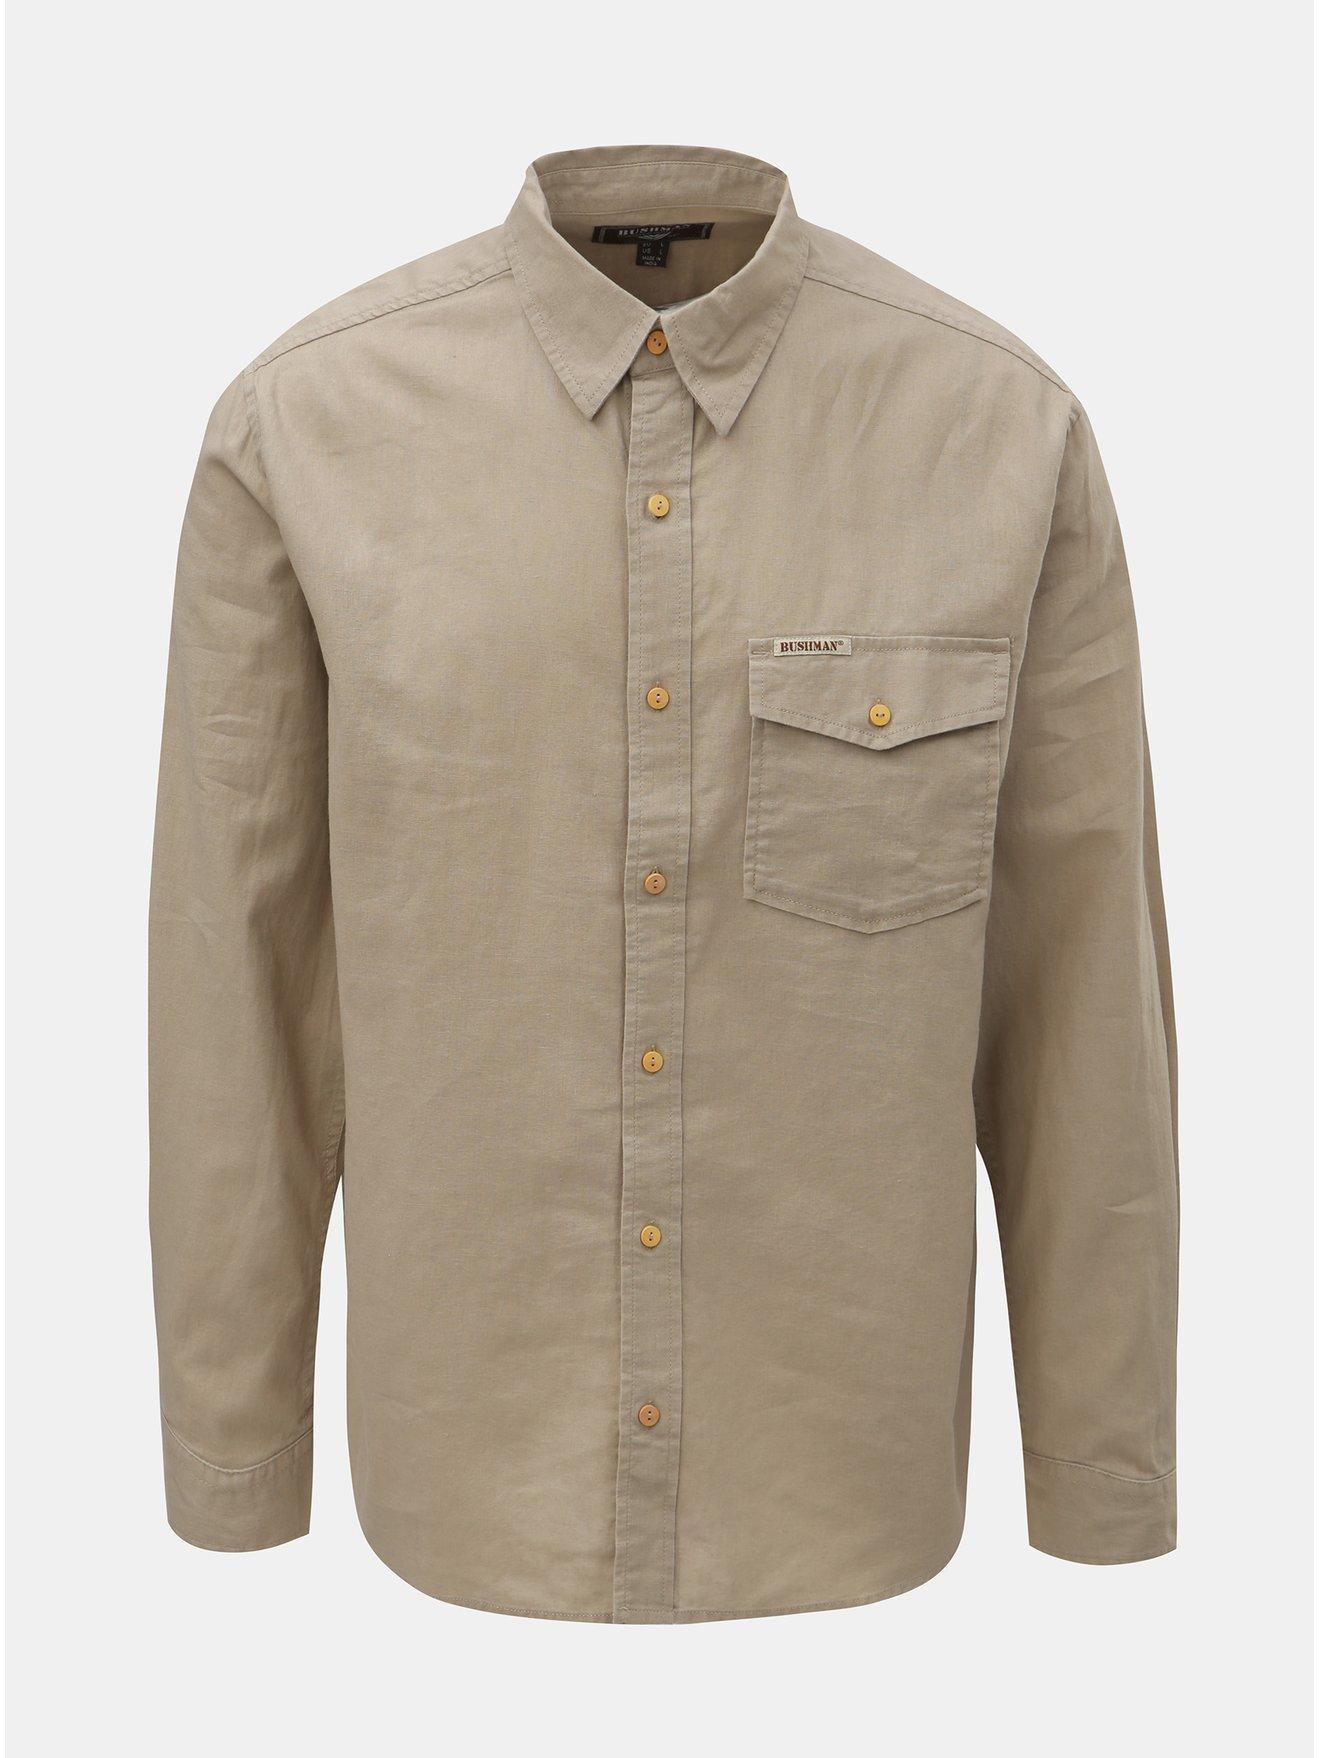 Béžová pánská lněná košile s náprsní kapsou BUSHMAN Trafalgar 5b912cedf1